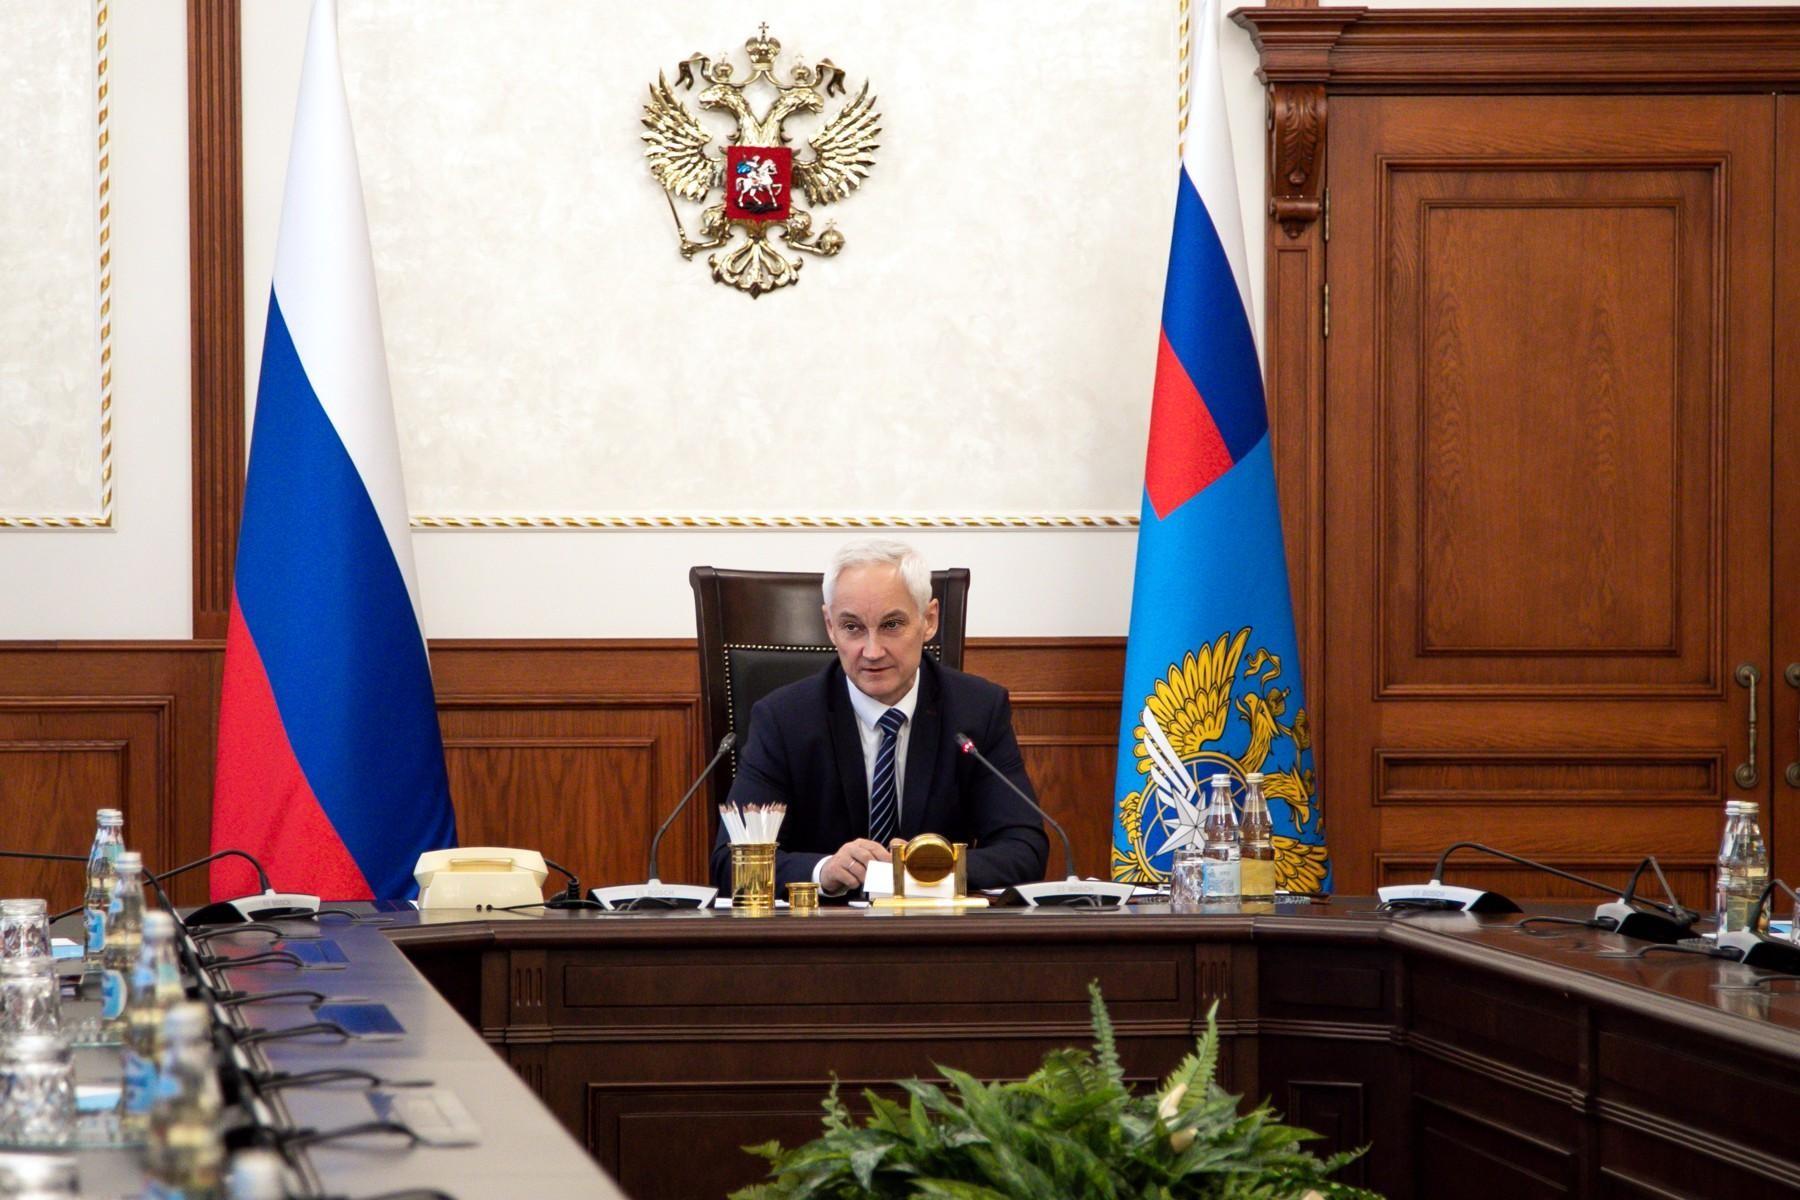 """Андрей Белоусов: """"Особого внимания требуют вопросы цифровизации и безопасности транспортной отрасли"""""""